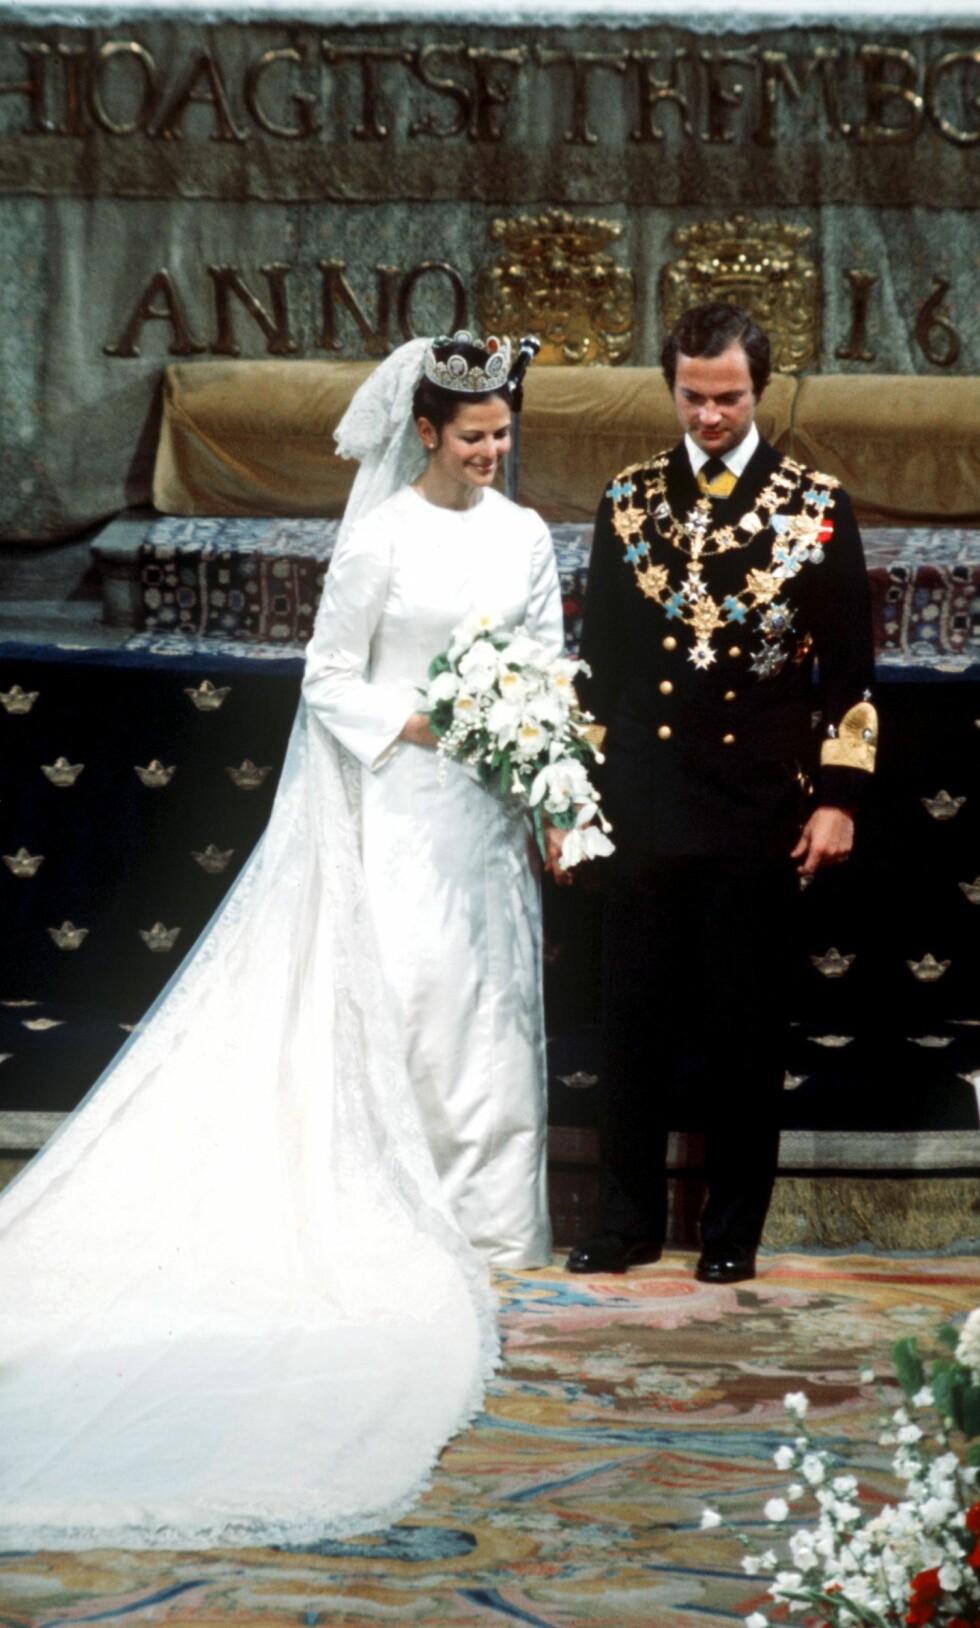 HØYTIDELIG: Mange millioner TV-seere fulgte vielsen mellom den relativt ferke kongen og hans brasiliansk-tyske forlovede i Storkyrkan sommeren 1976. Foto: Scanpix Sweden